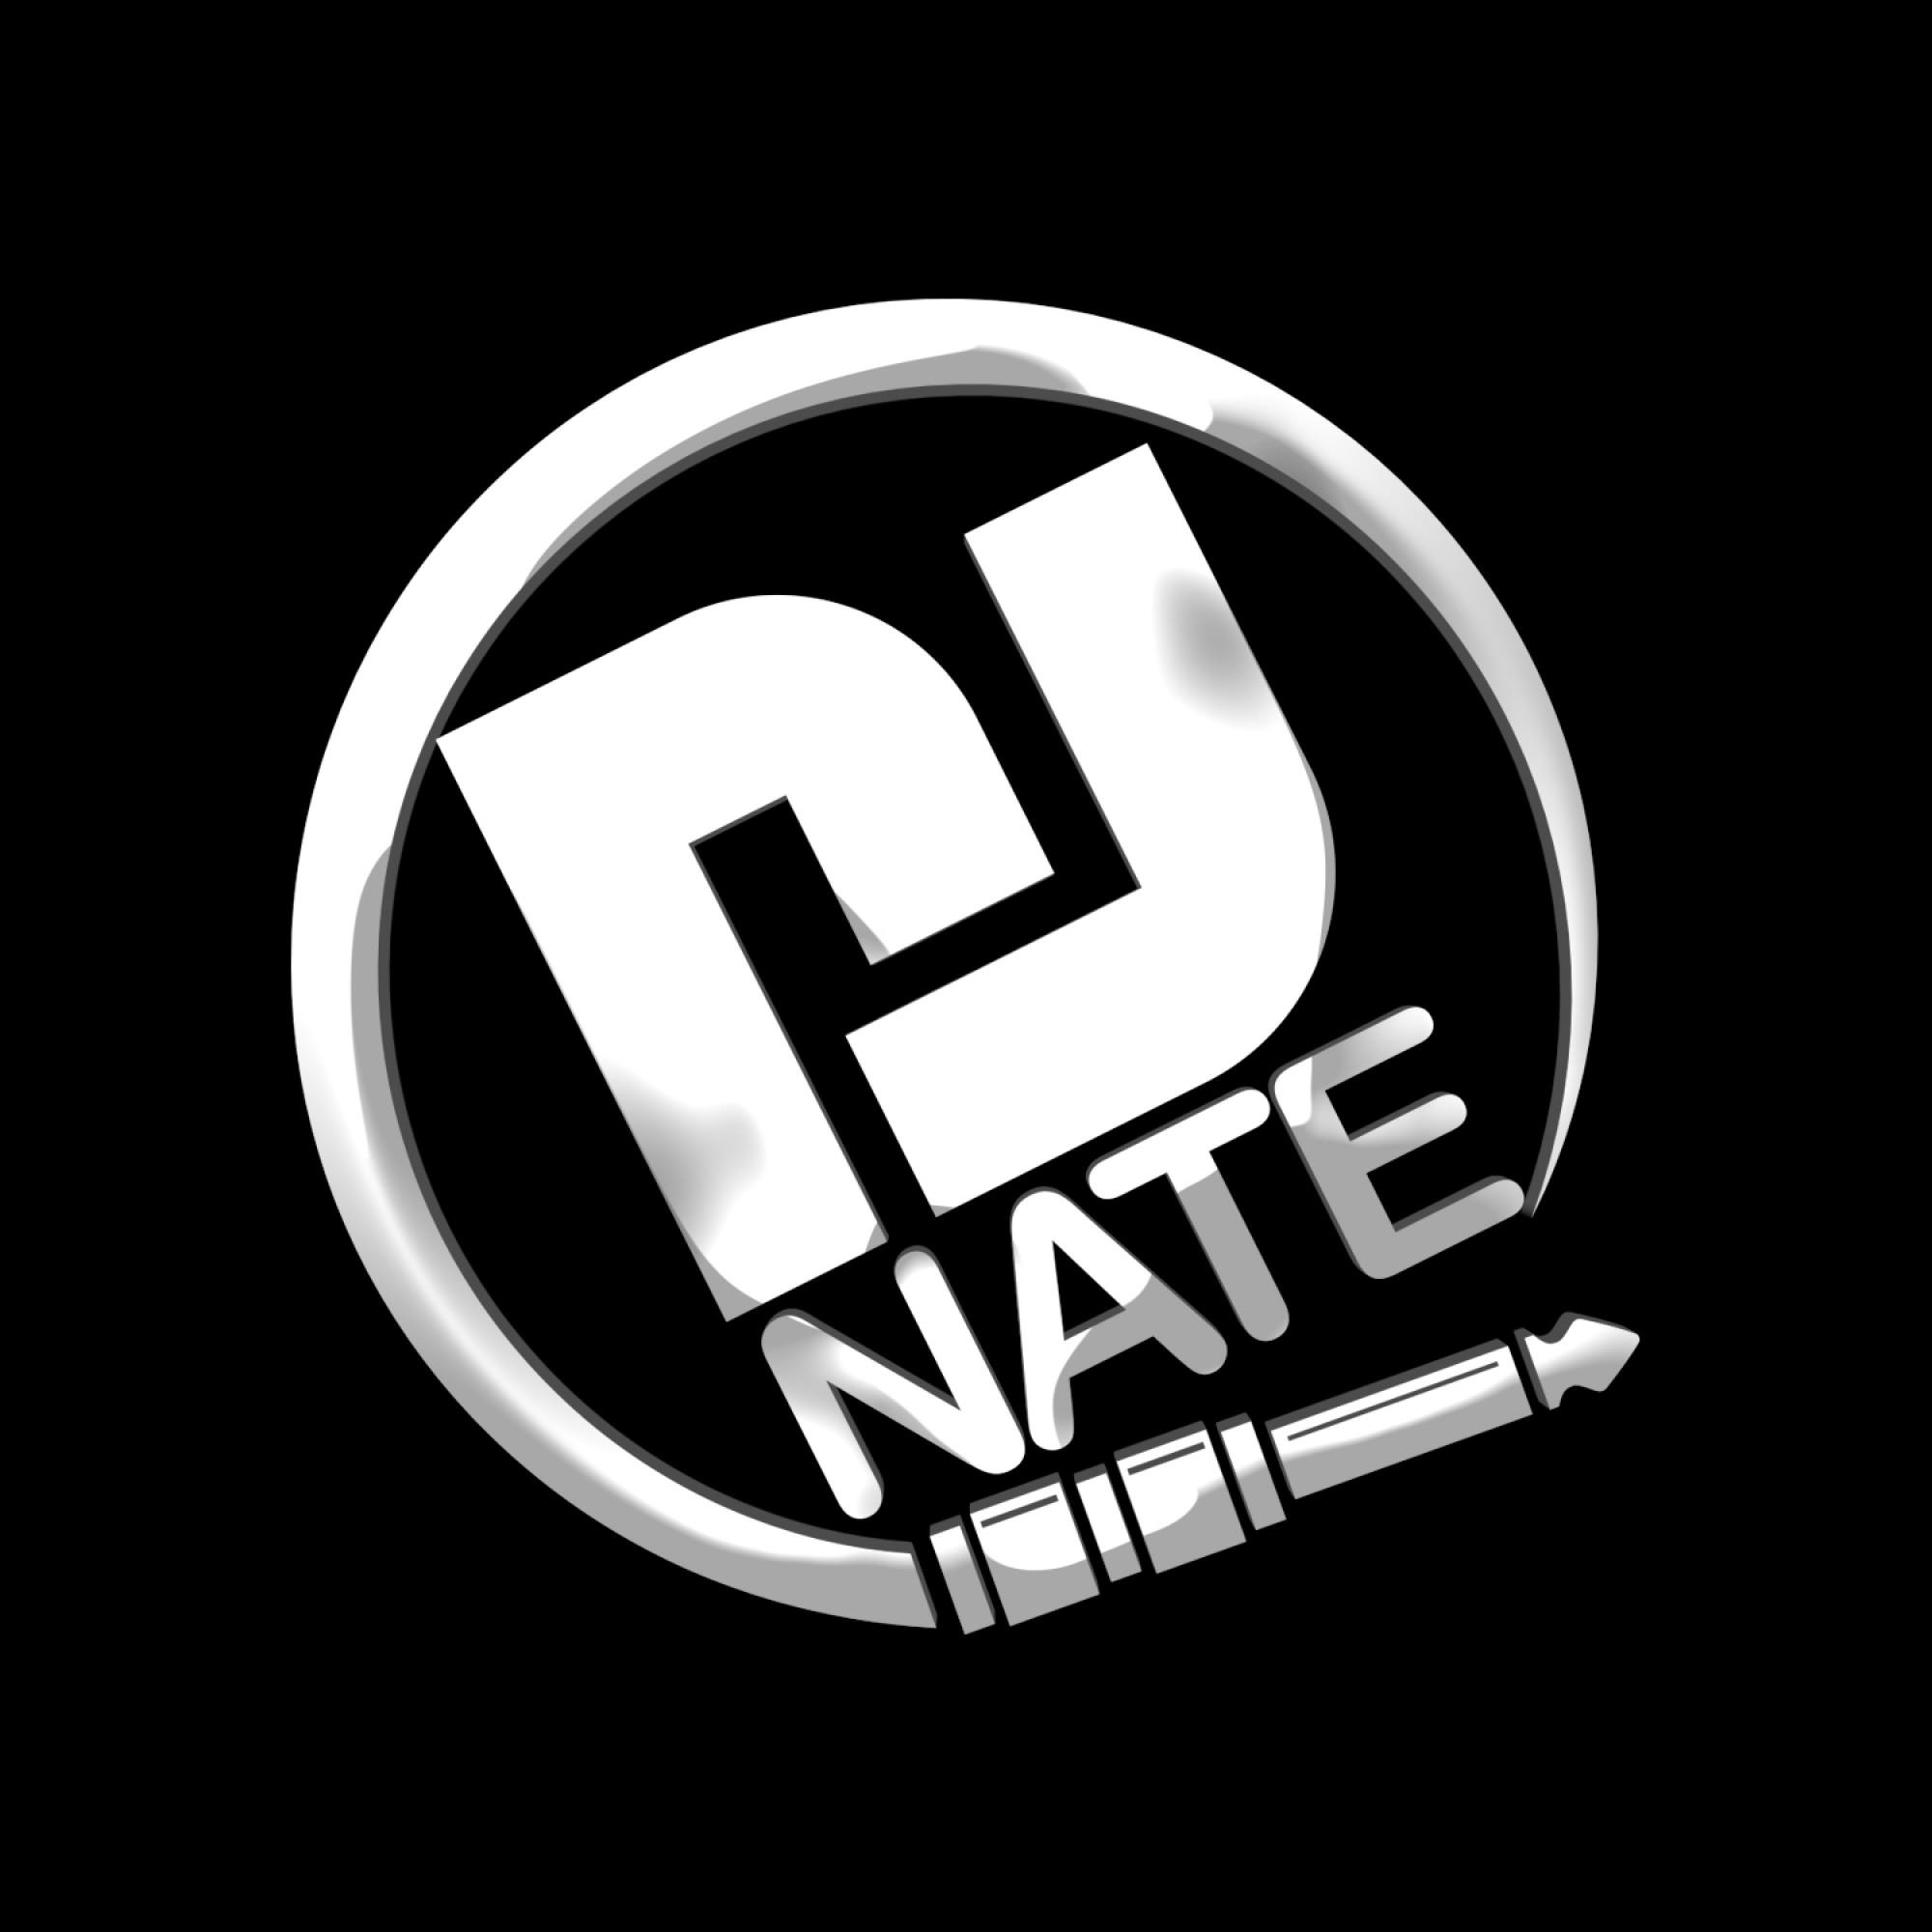 DJ Nate's Mixes Podcast - DJ Nate Presents 100% Alkaline - Dancehall